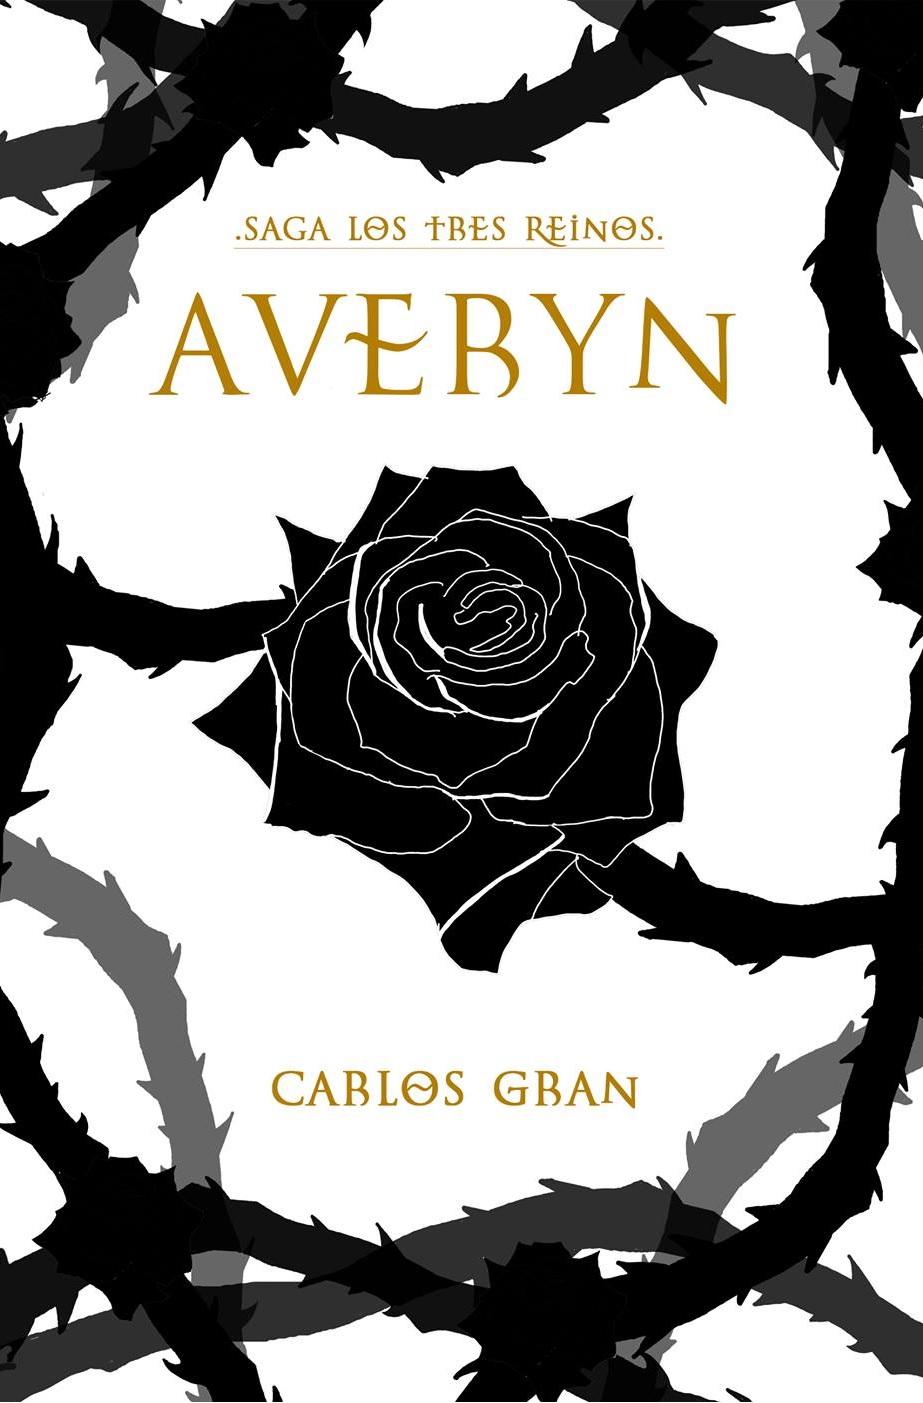 Averyn